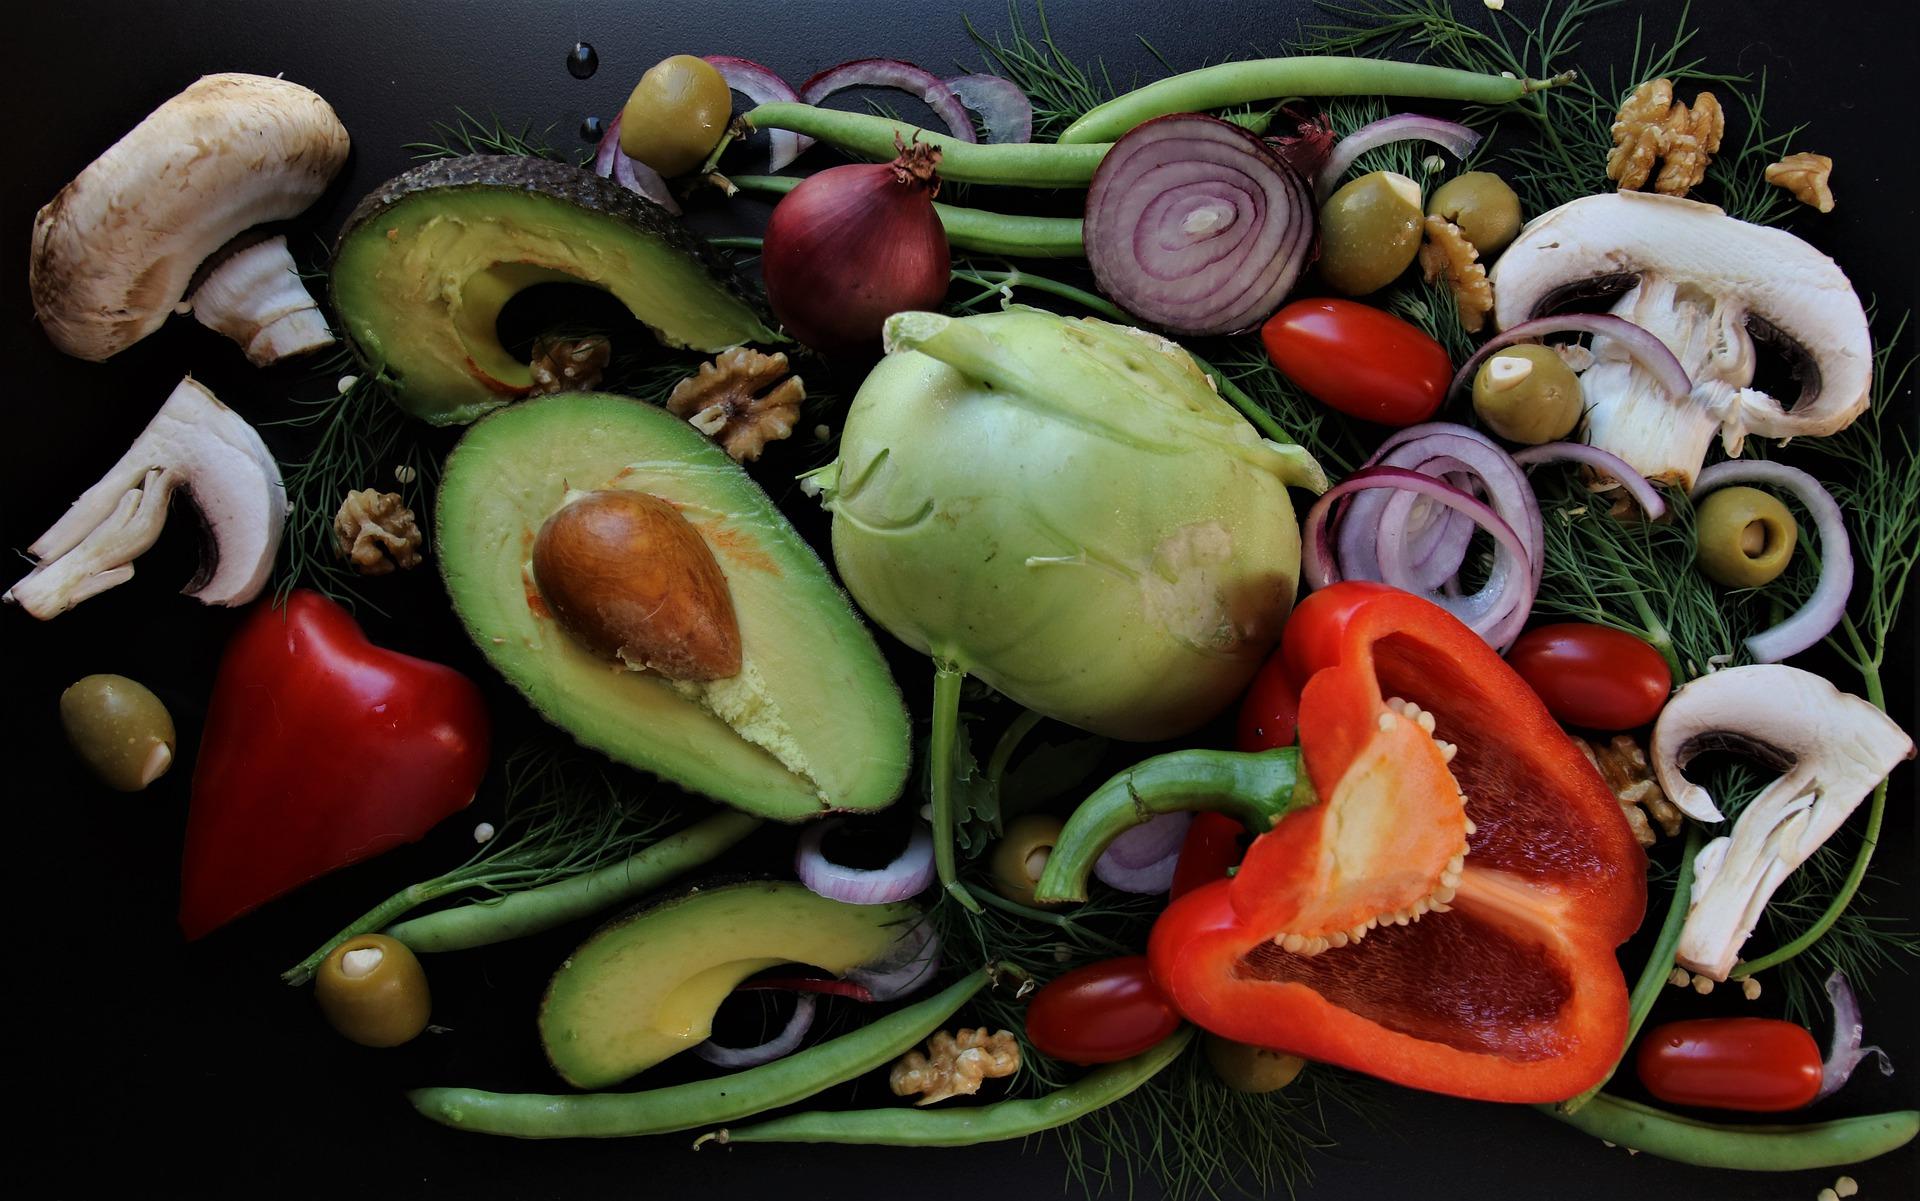 vegetables-4581877_1920